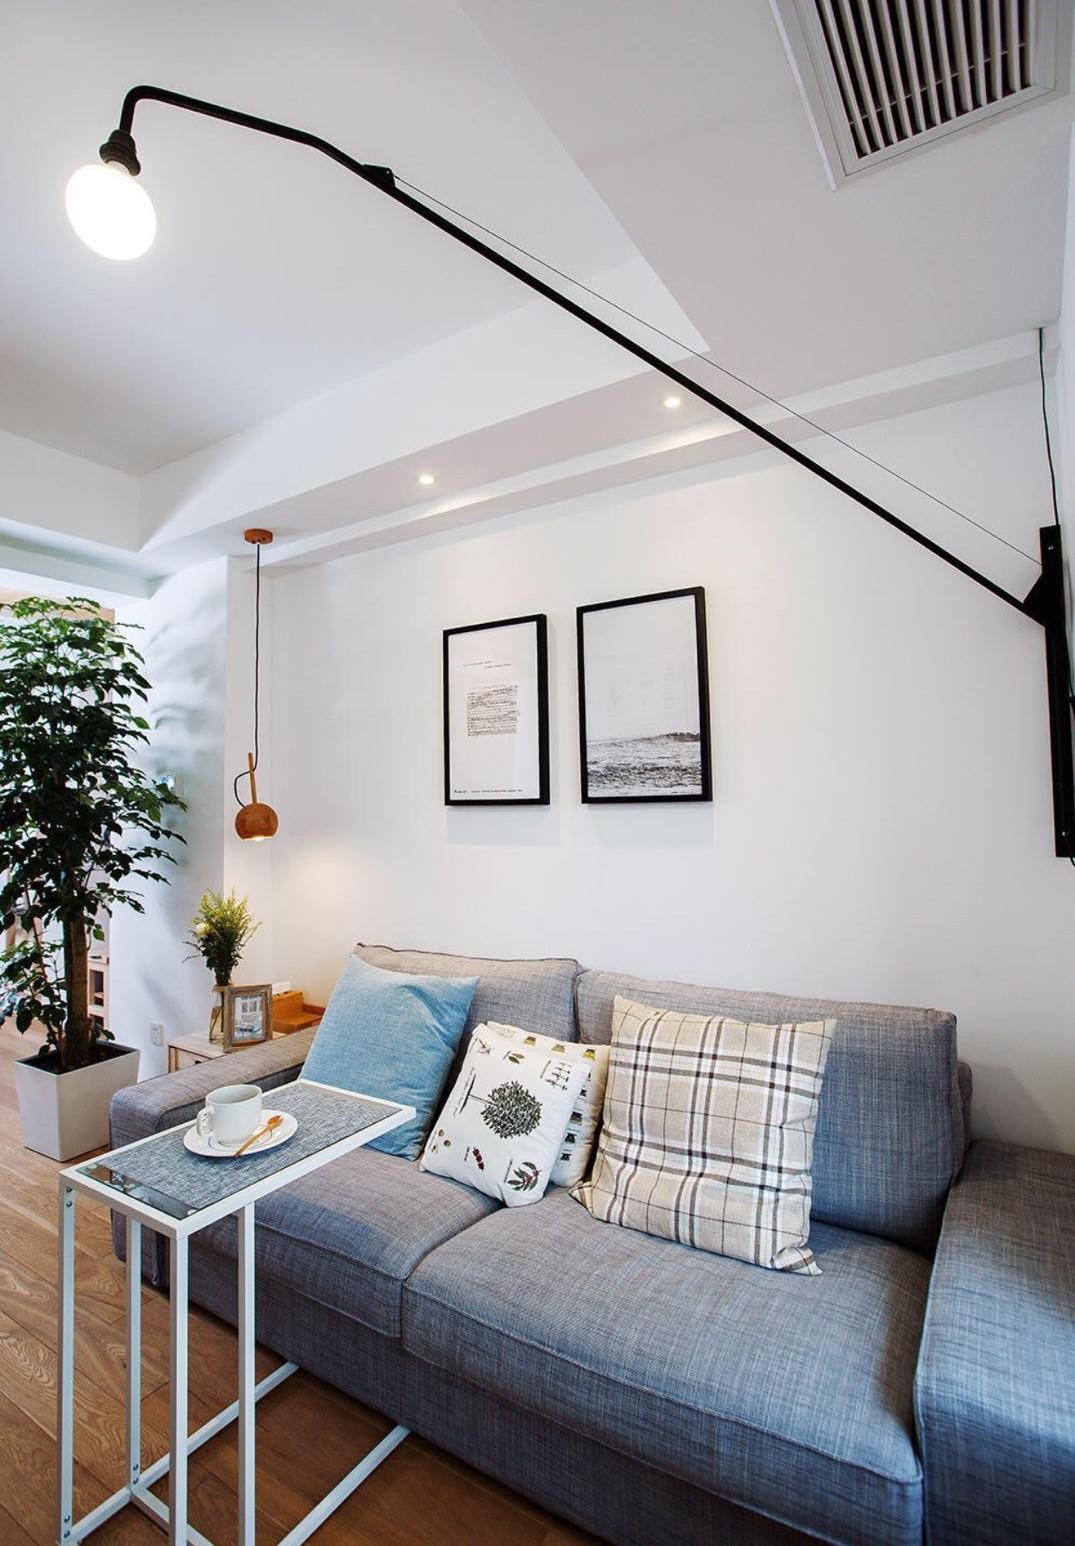 100㎡北欧雅居装修壁灯设计